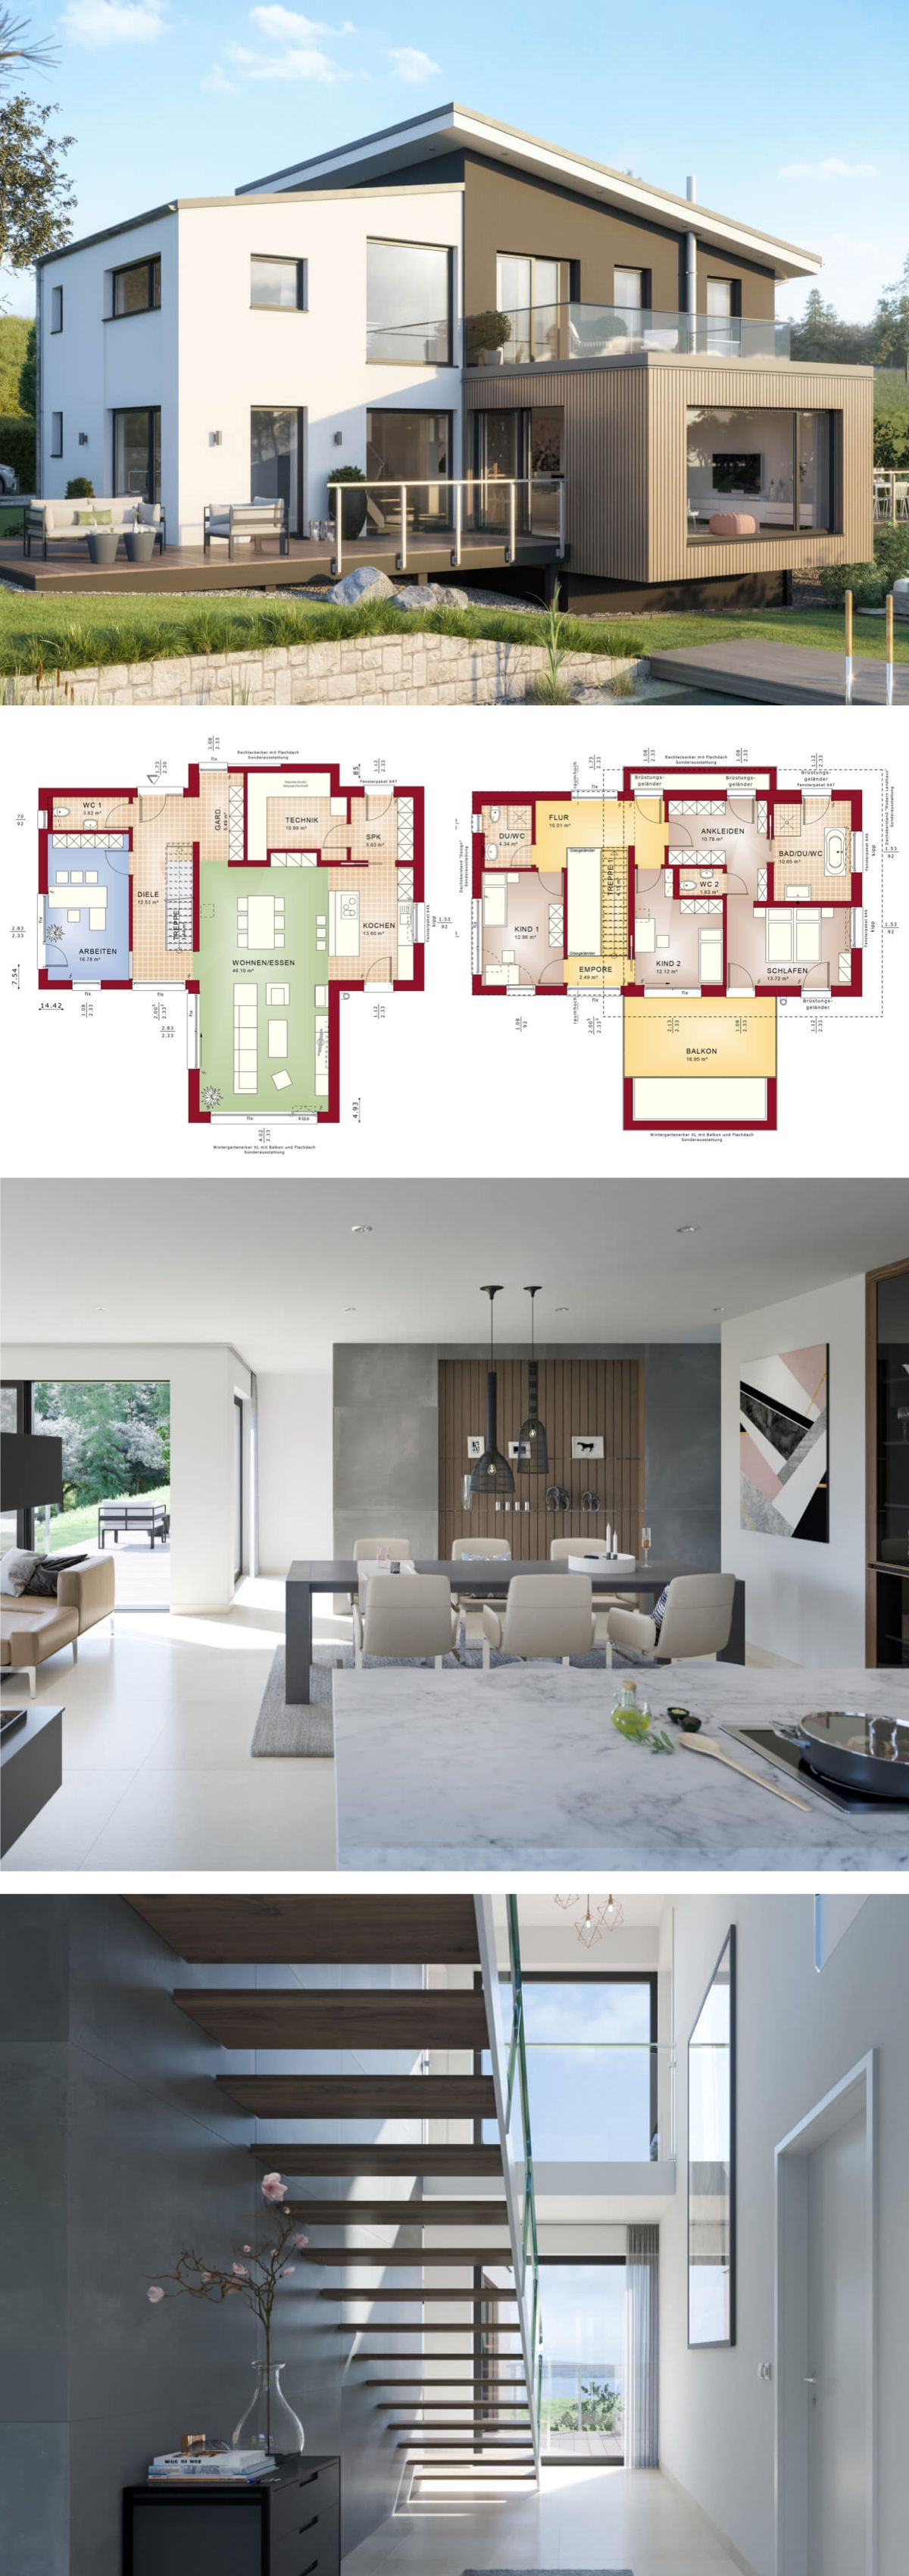 versetztes pultdach haus modern mit galerie b ro anbau einfamilienhaus bauen grundriss. Black Bedroom Furniture Sets. Home Design Ideas